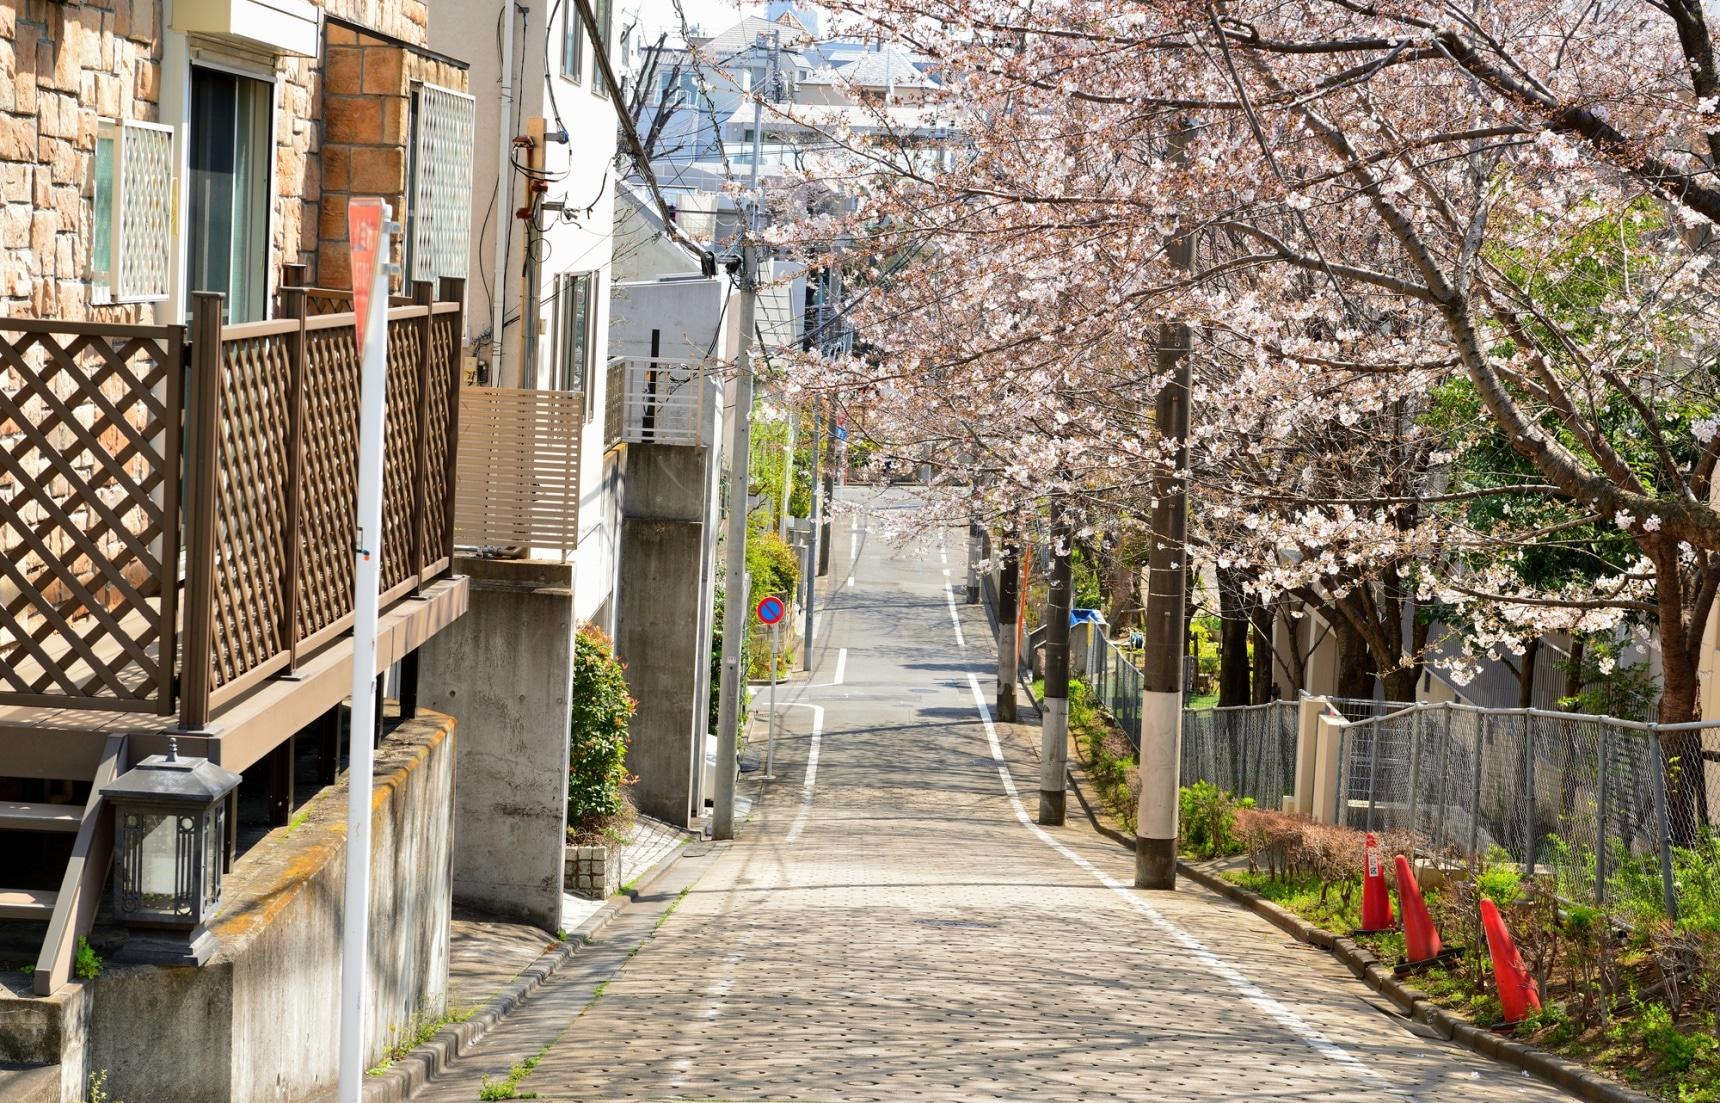 【深度日本】在日投資置產?買房自住?東京TOP5住宅區大盤點(上)